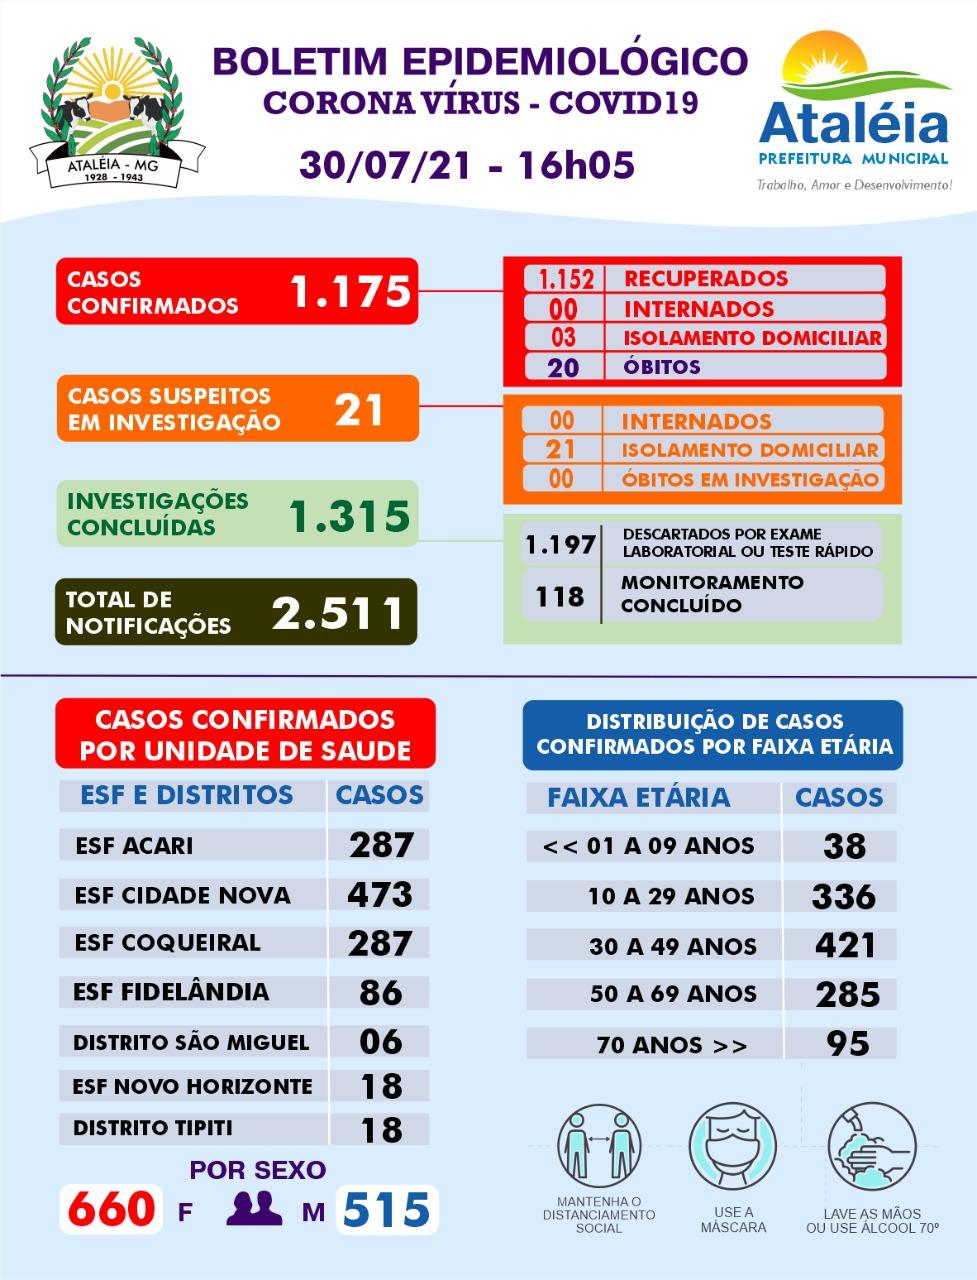 BOLETIM ATUALIZADO - 30 DE JULHO DE 2021 📊🚑